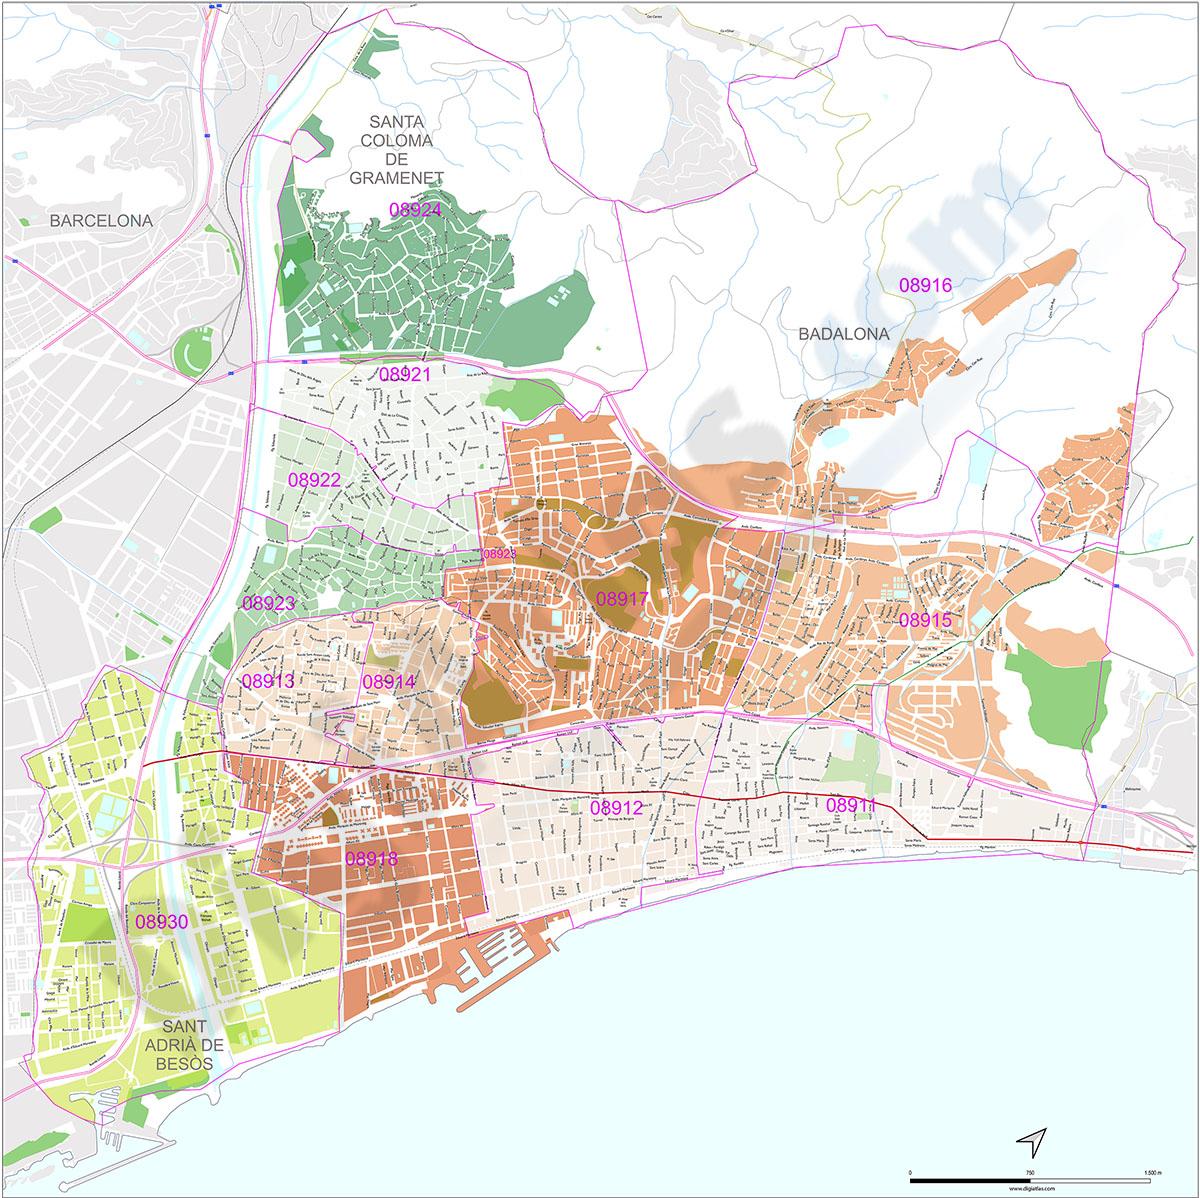 Badalona, Santa Coloma de Gramanet y Sant Adrià del Besòs con códigos postales